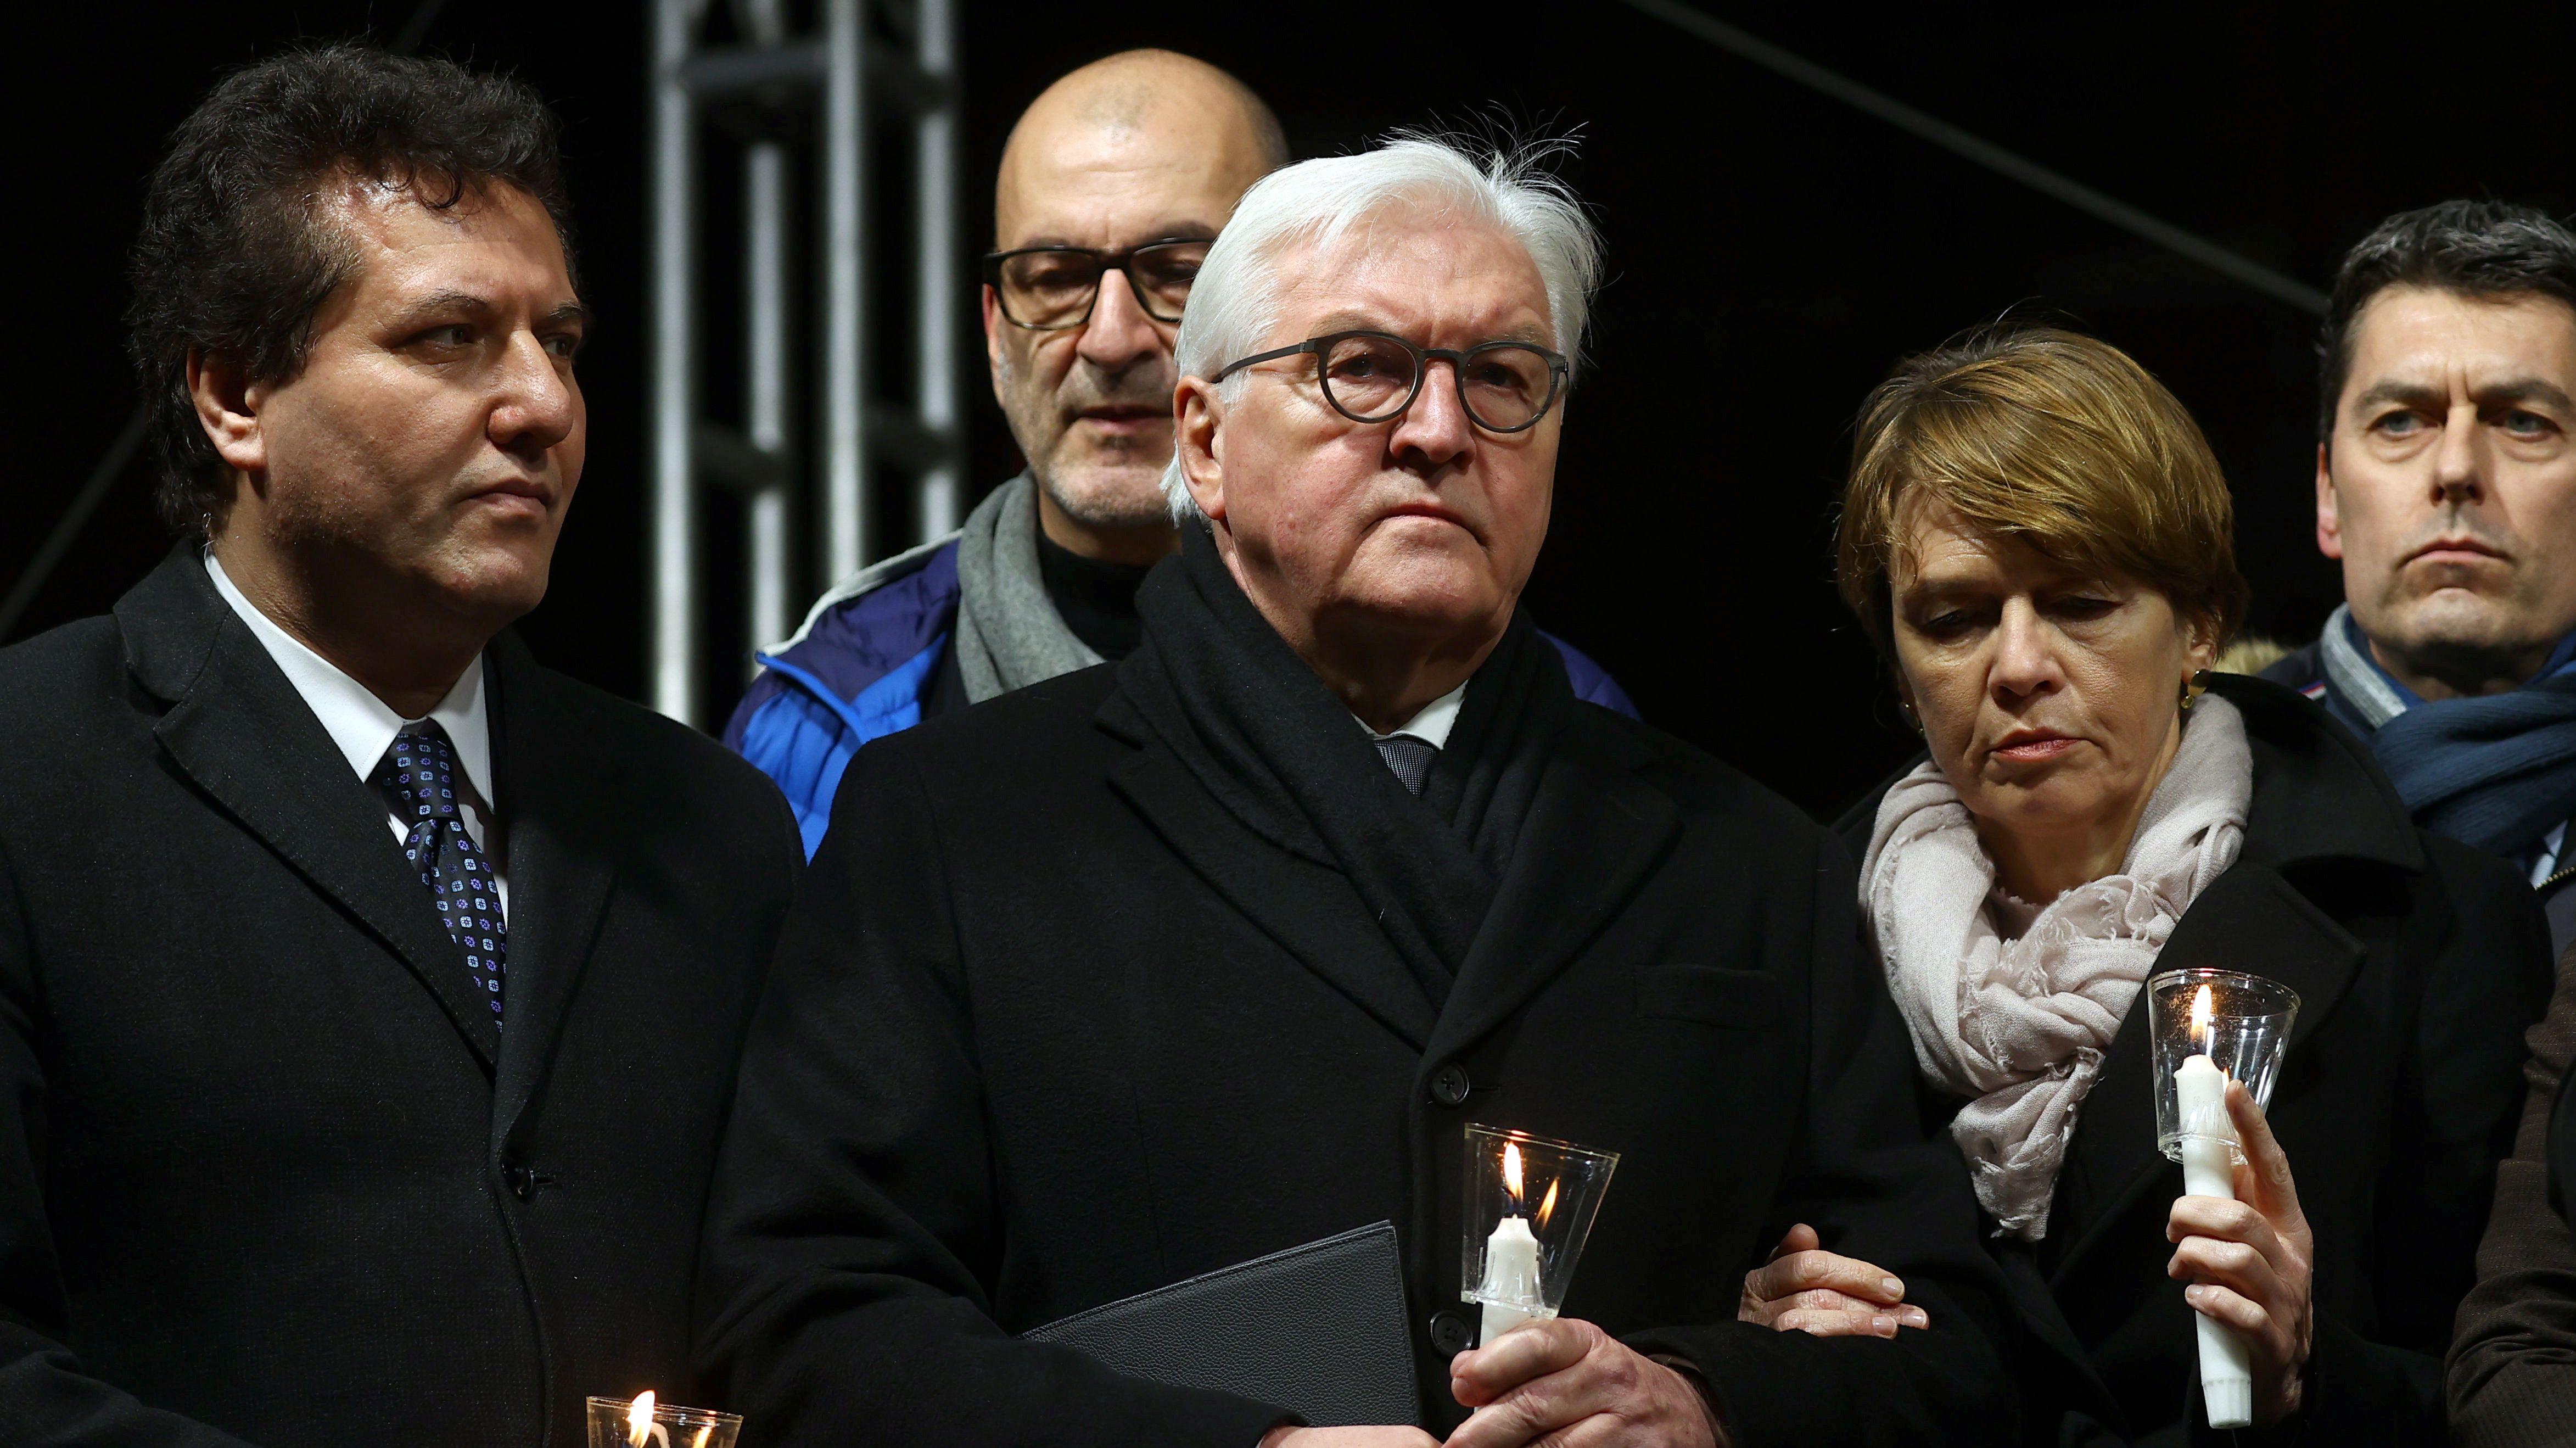 Bundespräsident Frank-Walter Steinmeier mit seiner Frau Elke Budenbender.